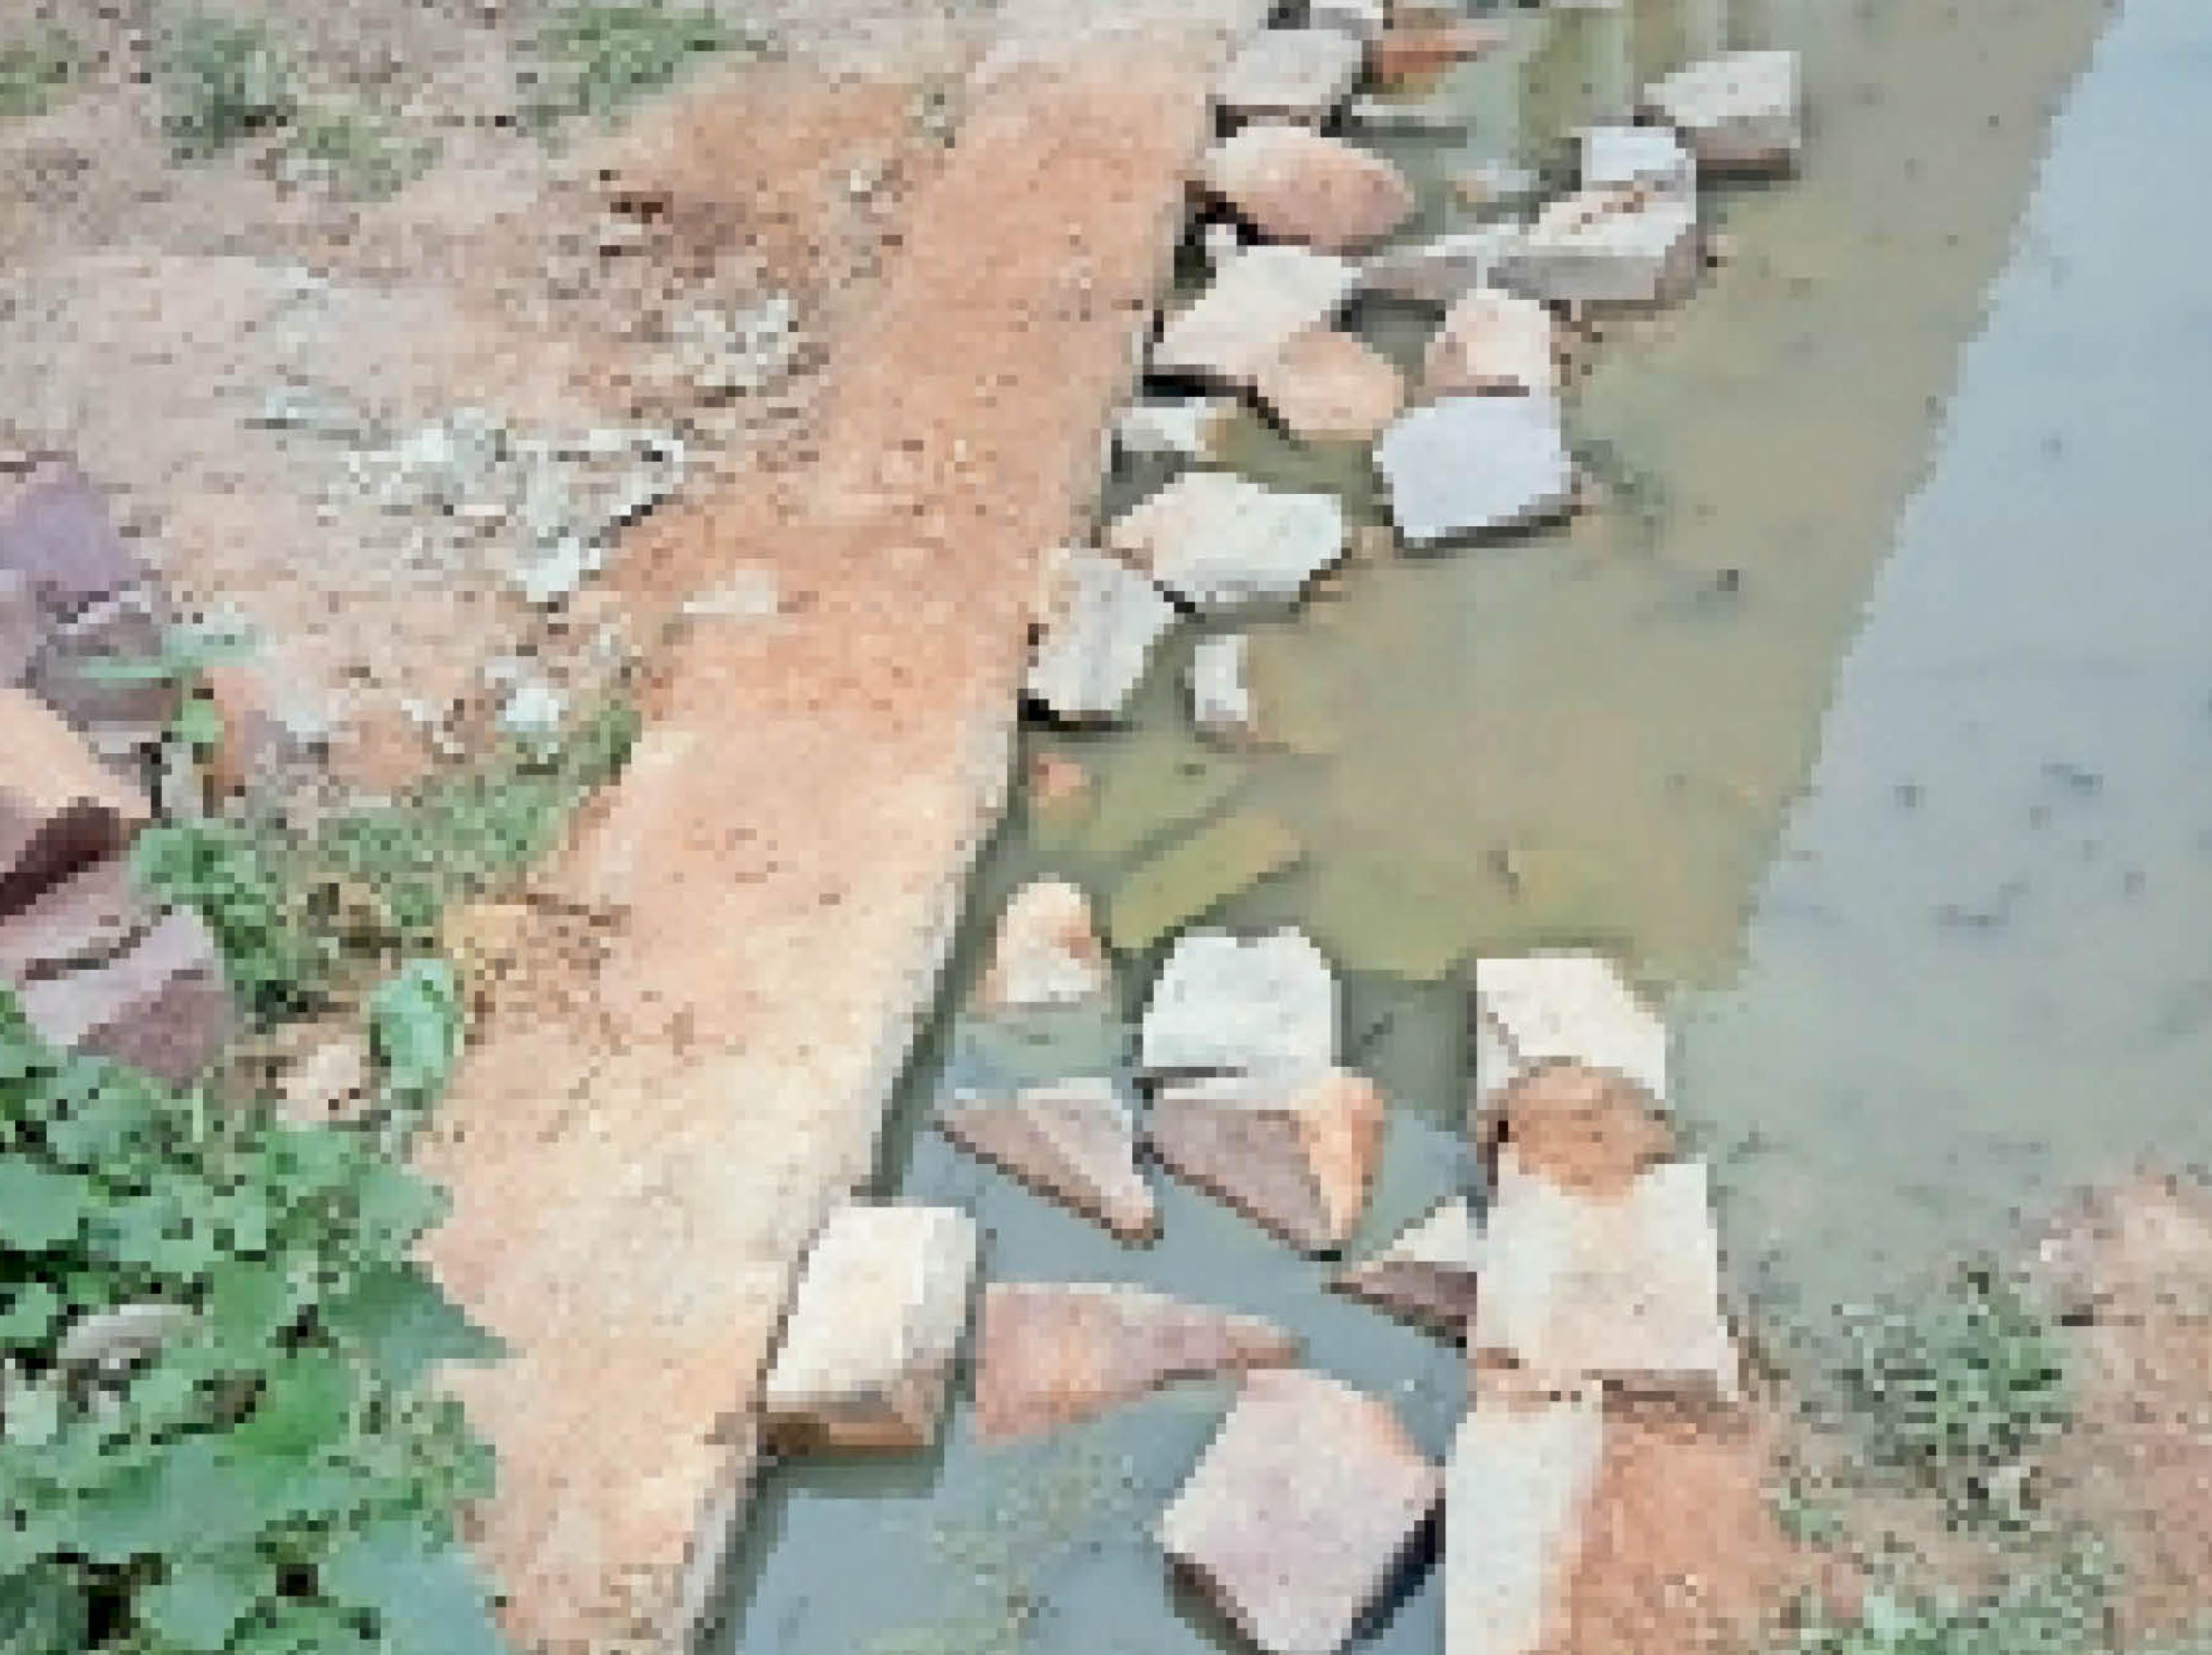 बड़ामलहरा  नाली में कचरा भरा होने से गंदा पानी बाहर बह रहा है। - Dainik Bhaskar